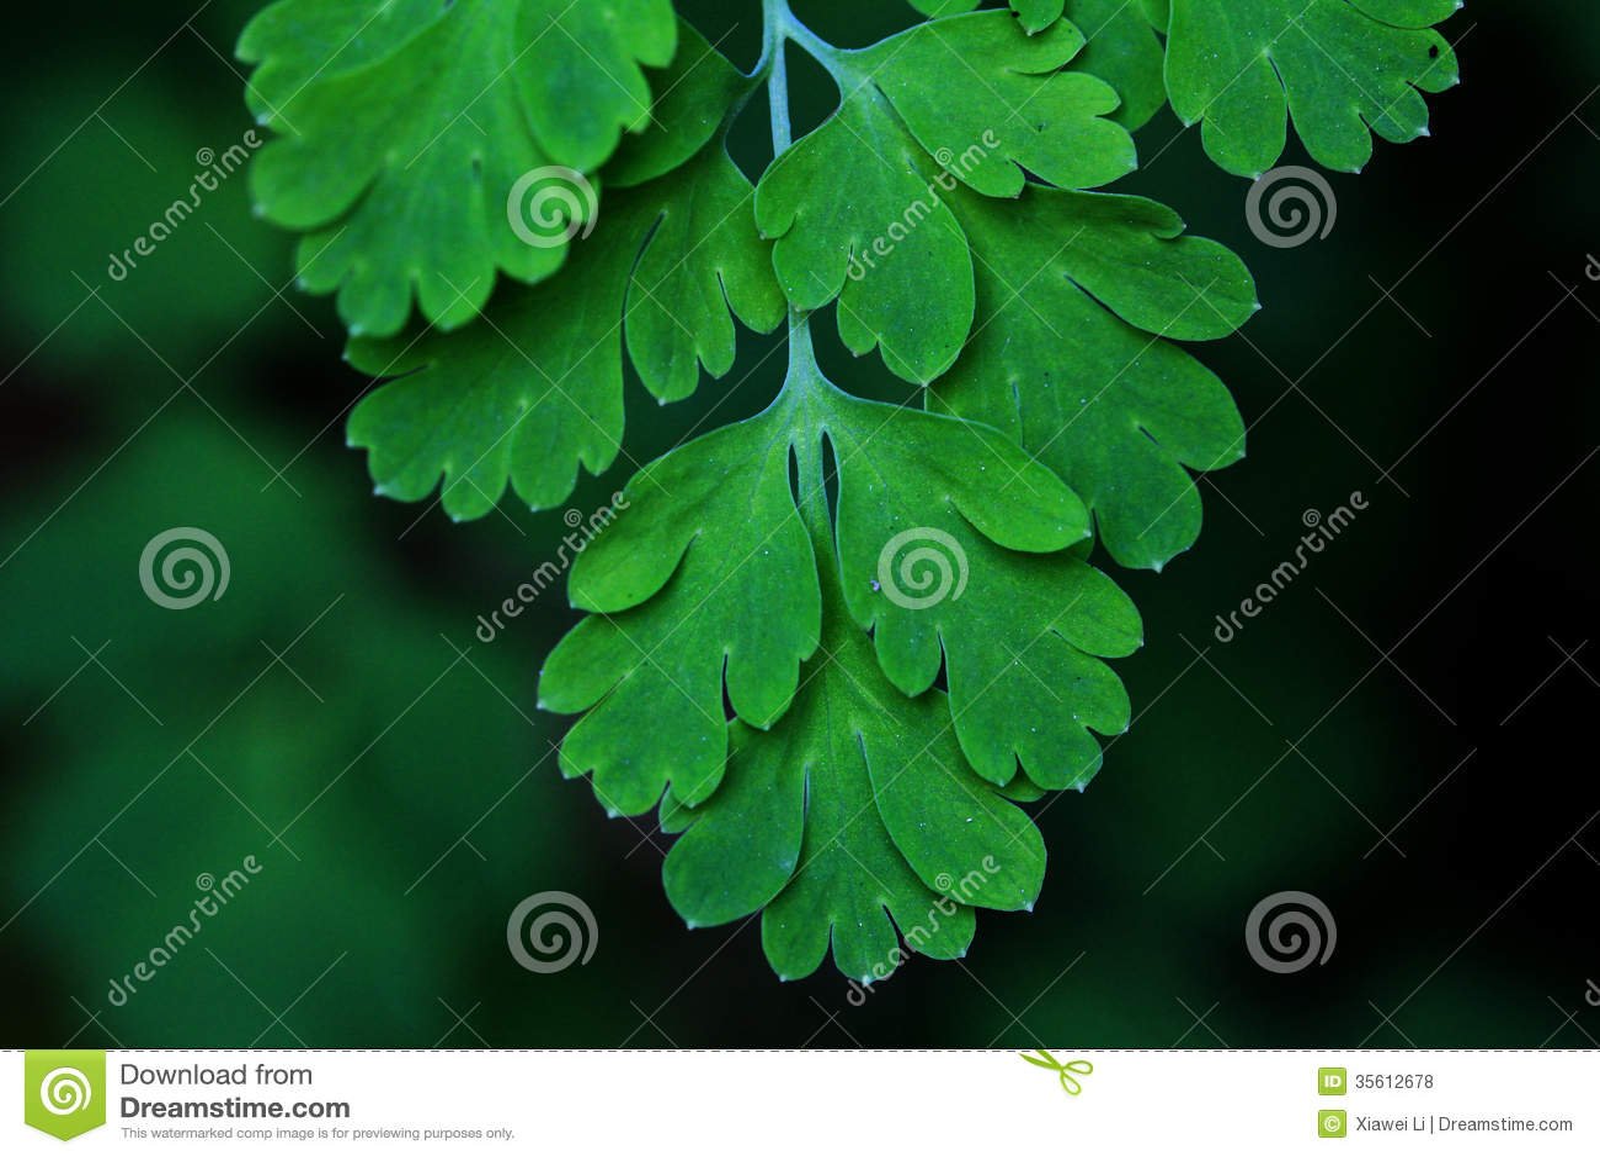 Paproć liści zielonego ulistnienia tropikalny tło. Las tropikalny